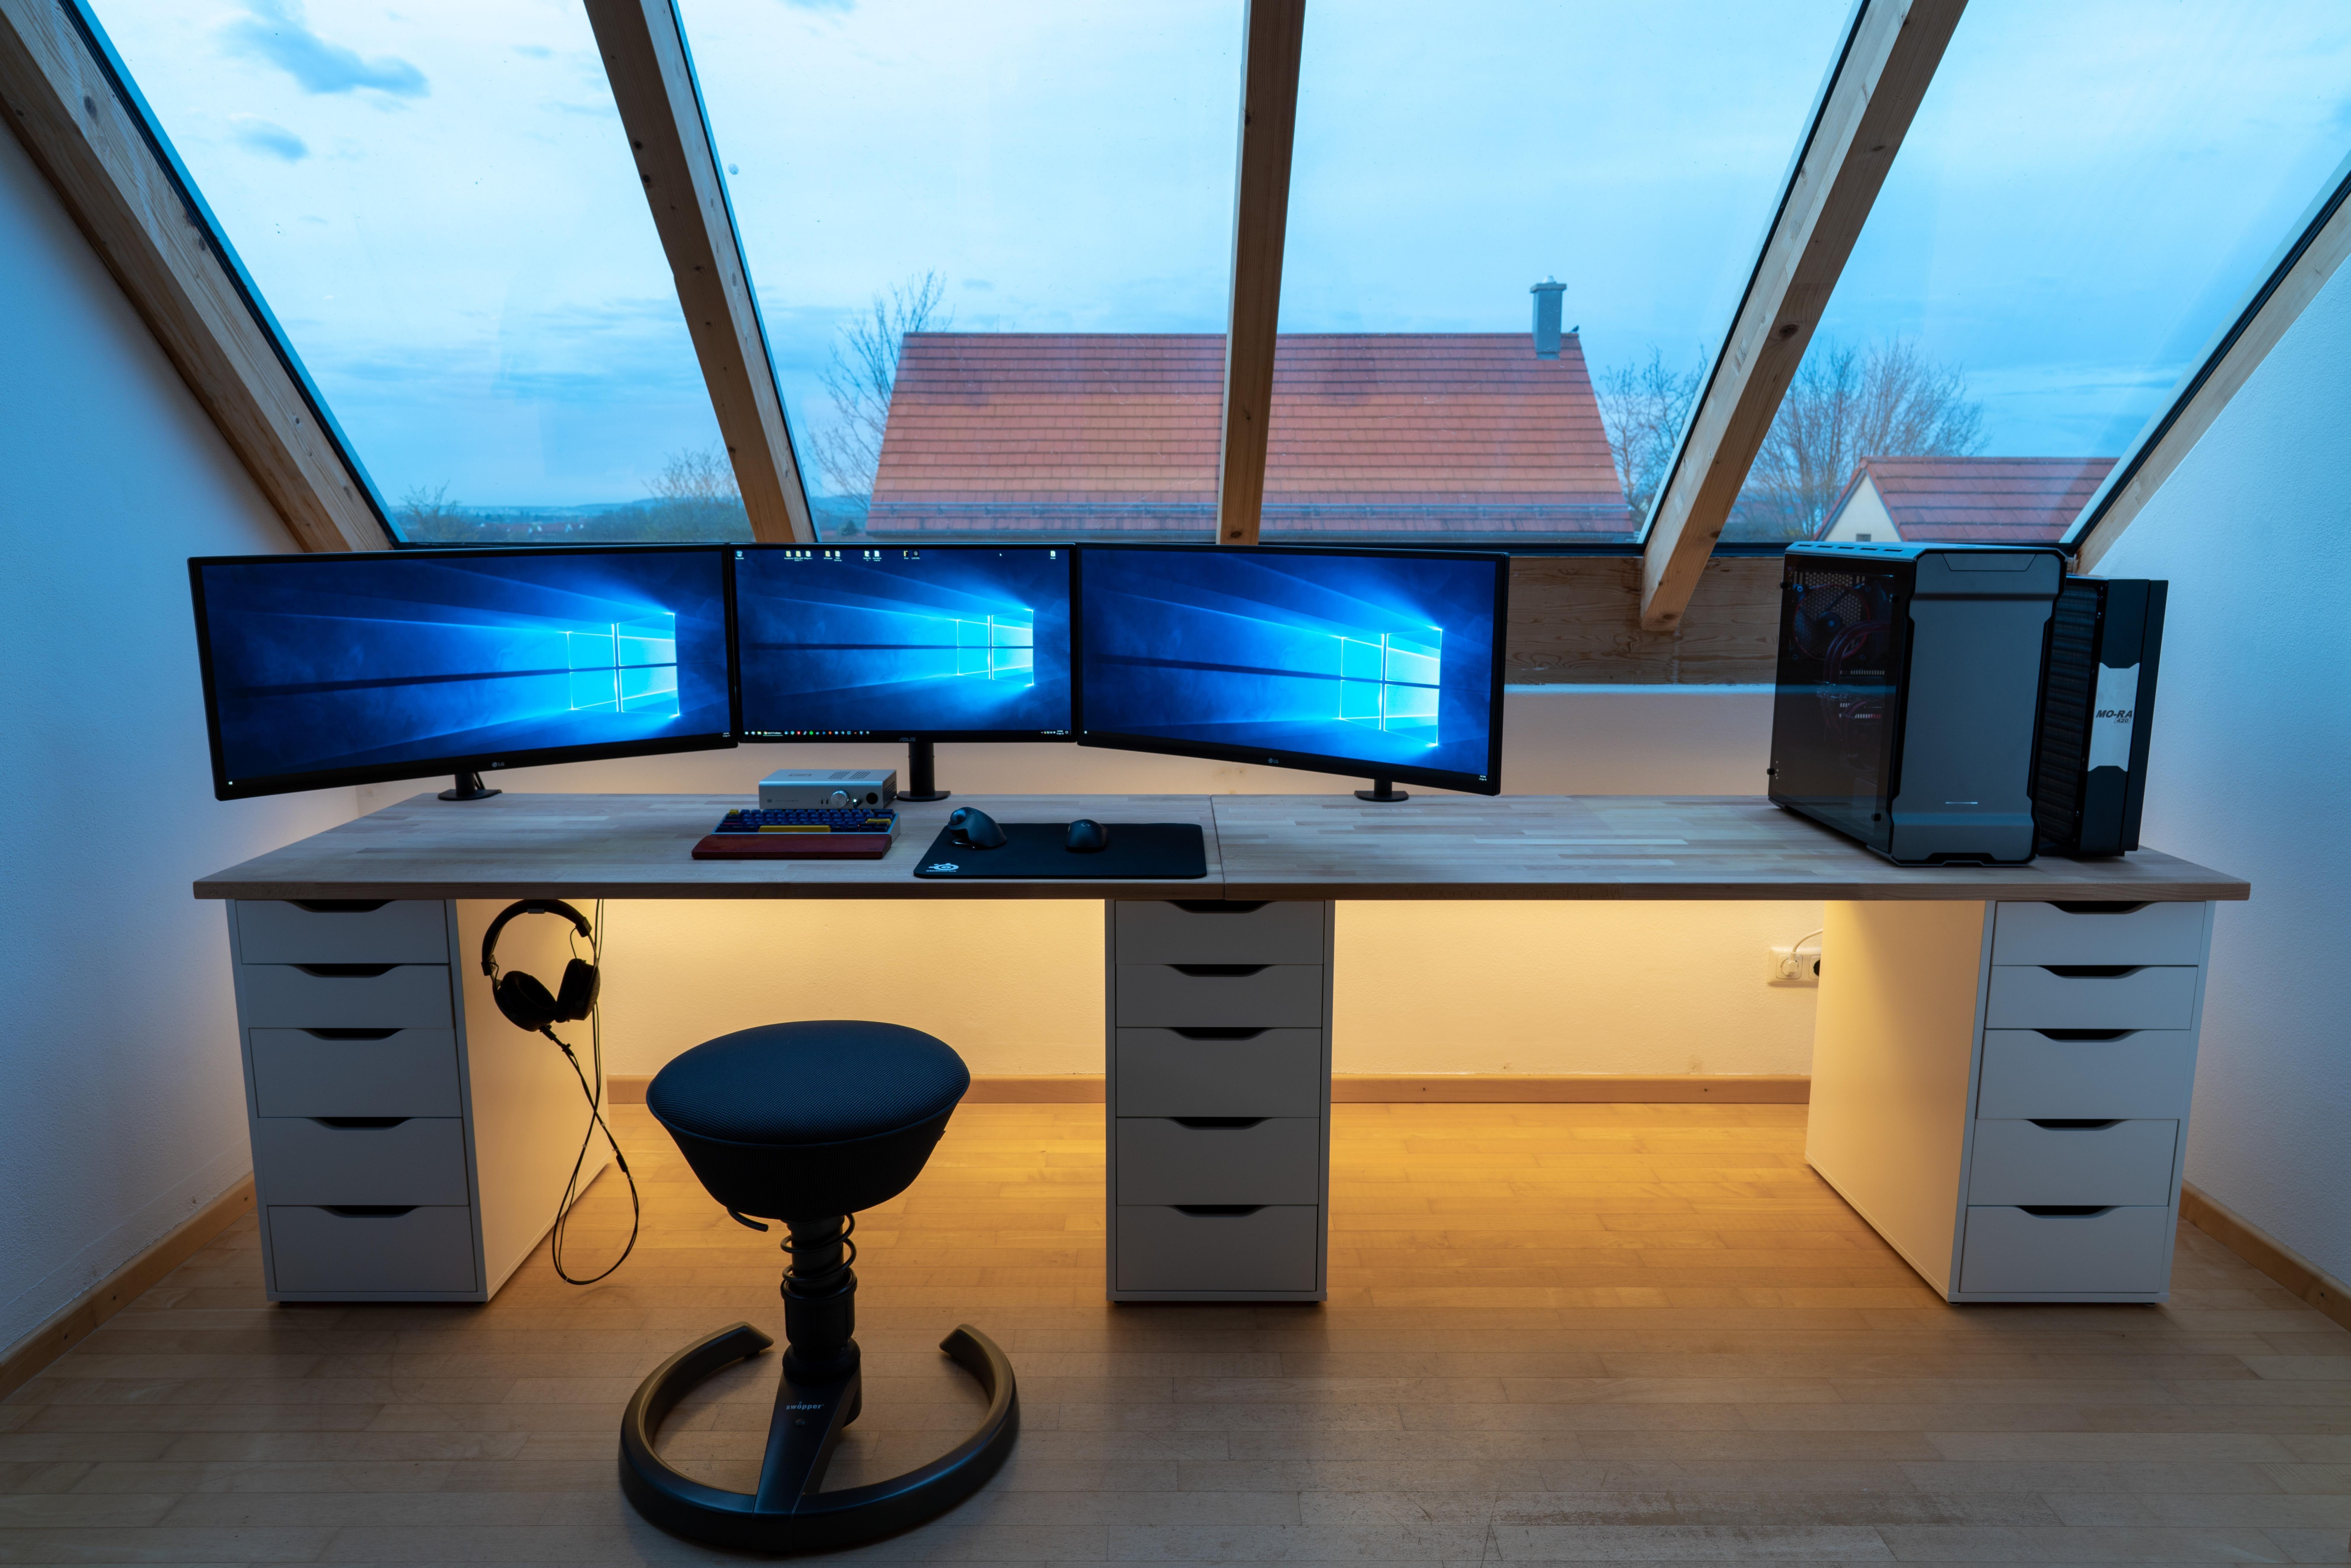 Https Ift Tt 2jdiowk My New Wide Setup L Shaped Desk Gaming Setup Gaming Desk Setup Simple Computer Desk